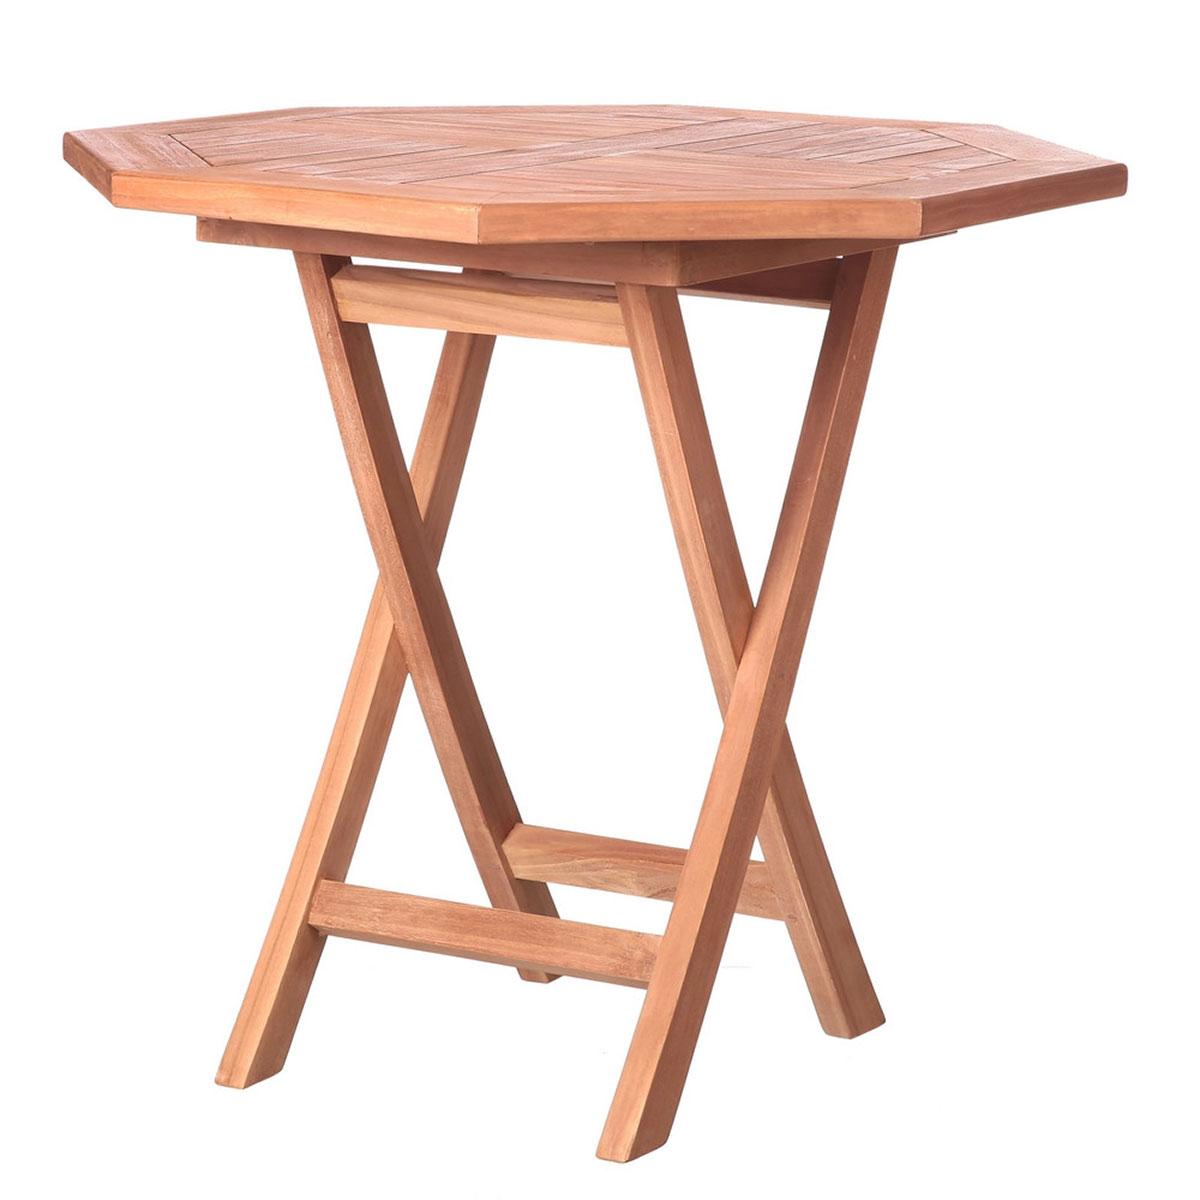 Table octogonale en teck (Naturel)